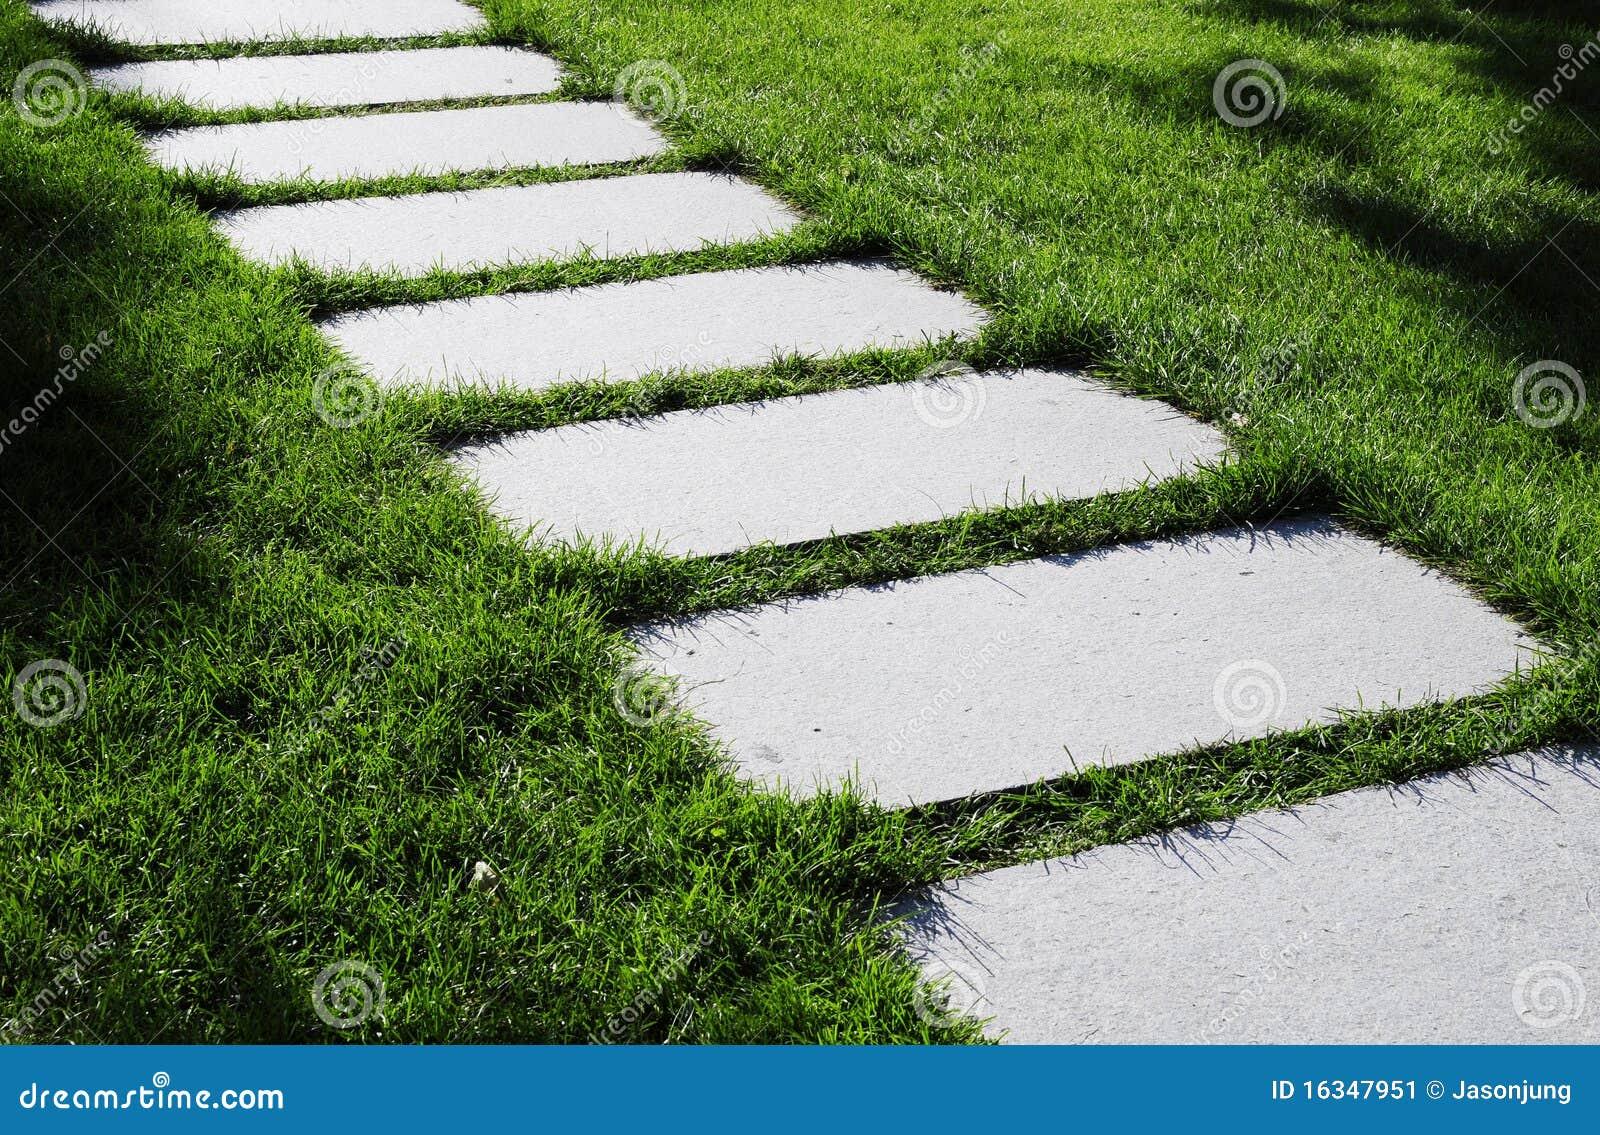 Percorso verde ed il prato verde immagine stock immagine for Prato verde